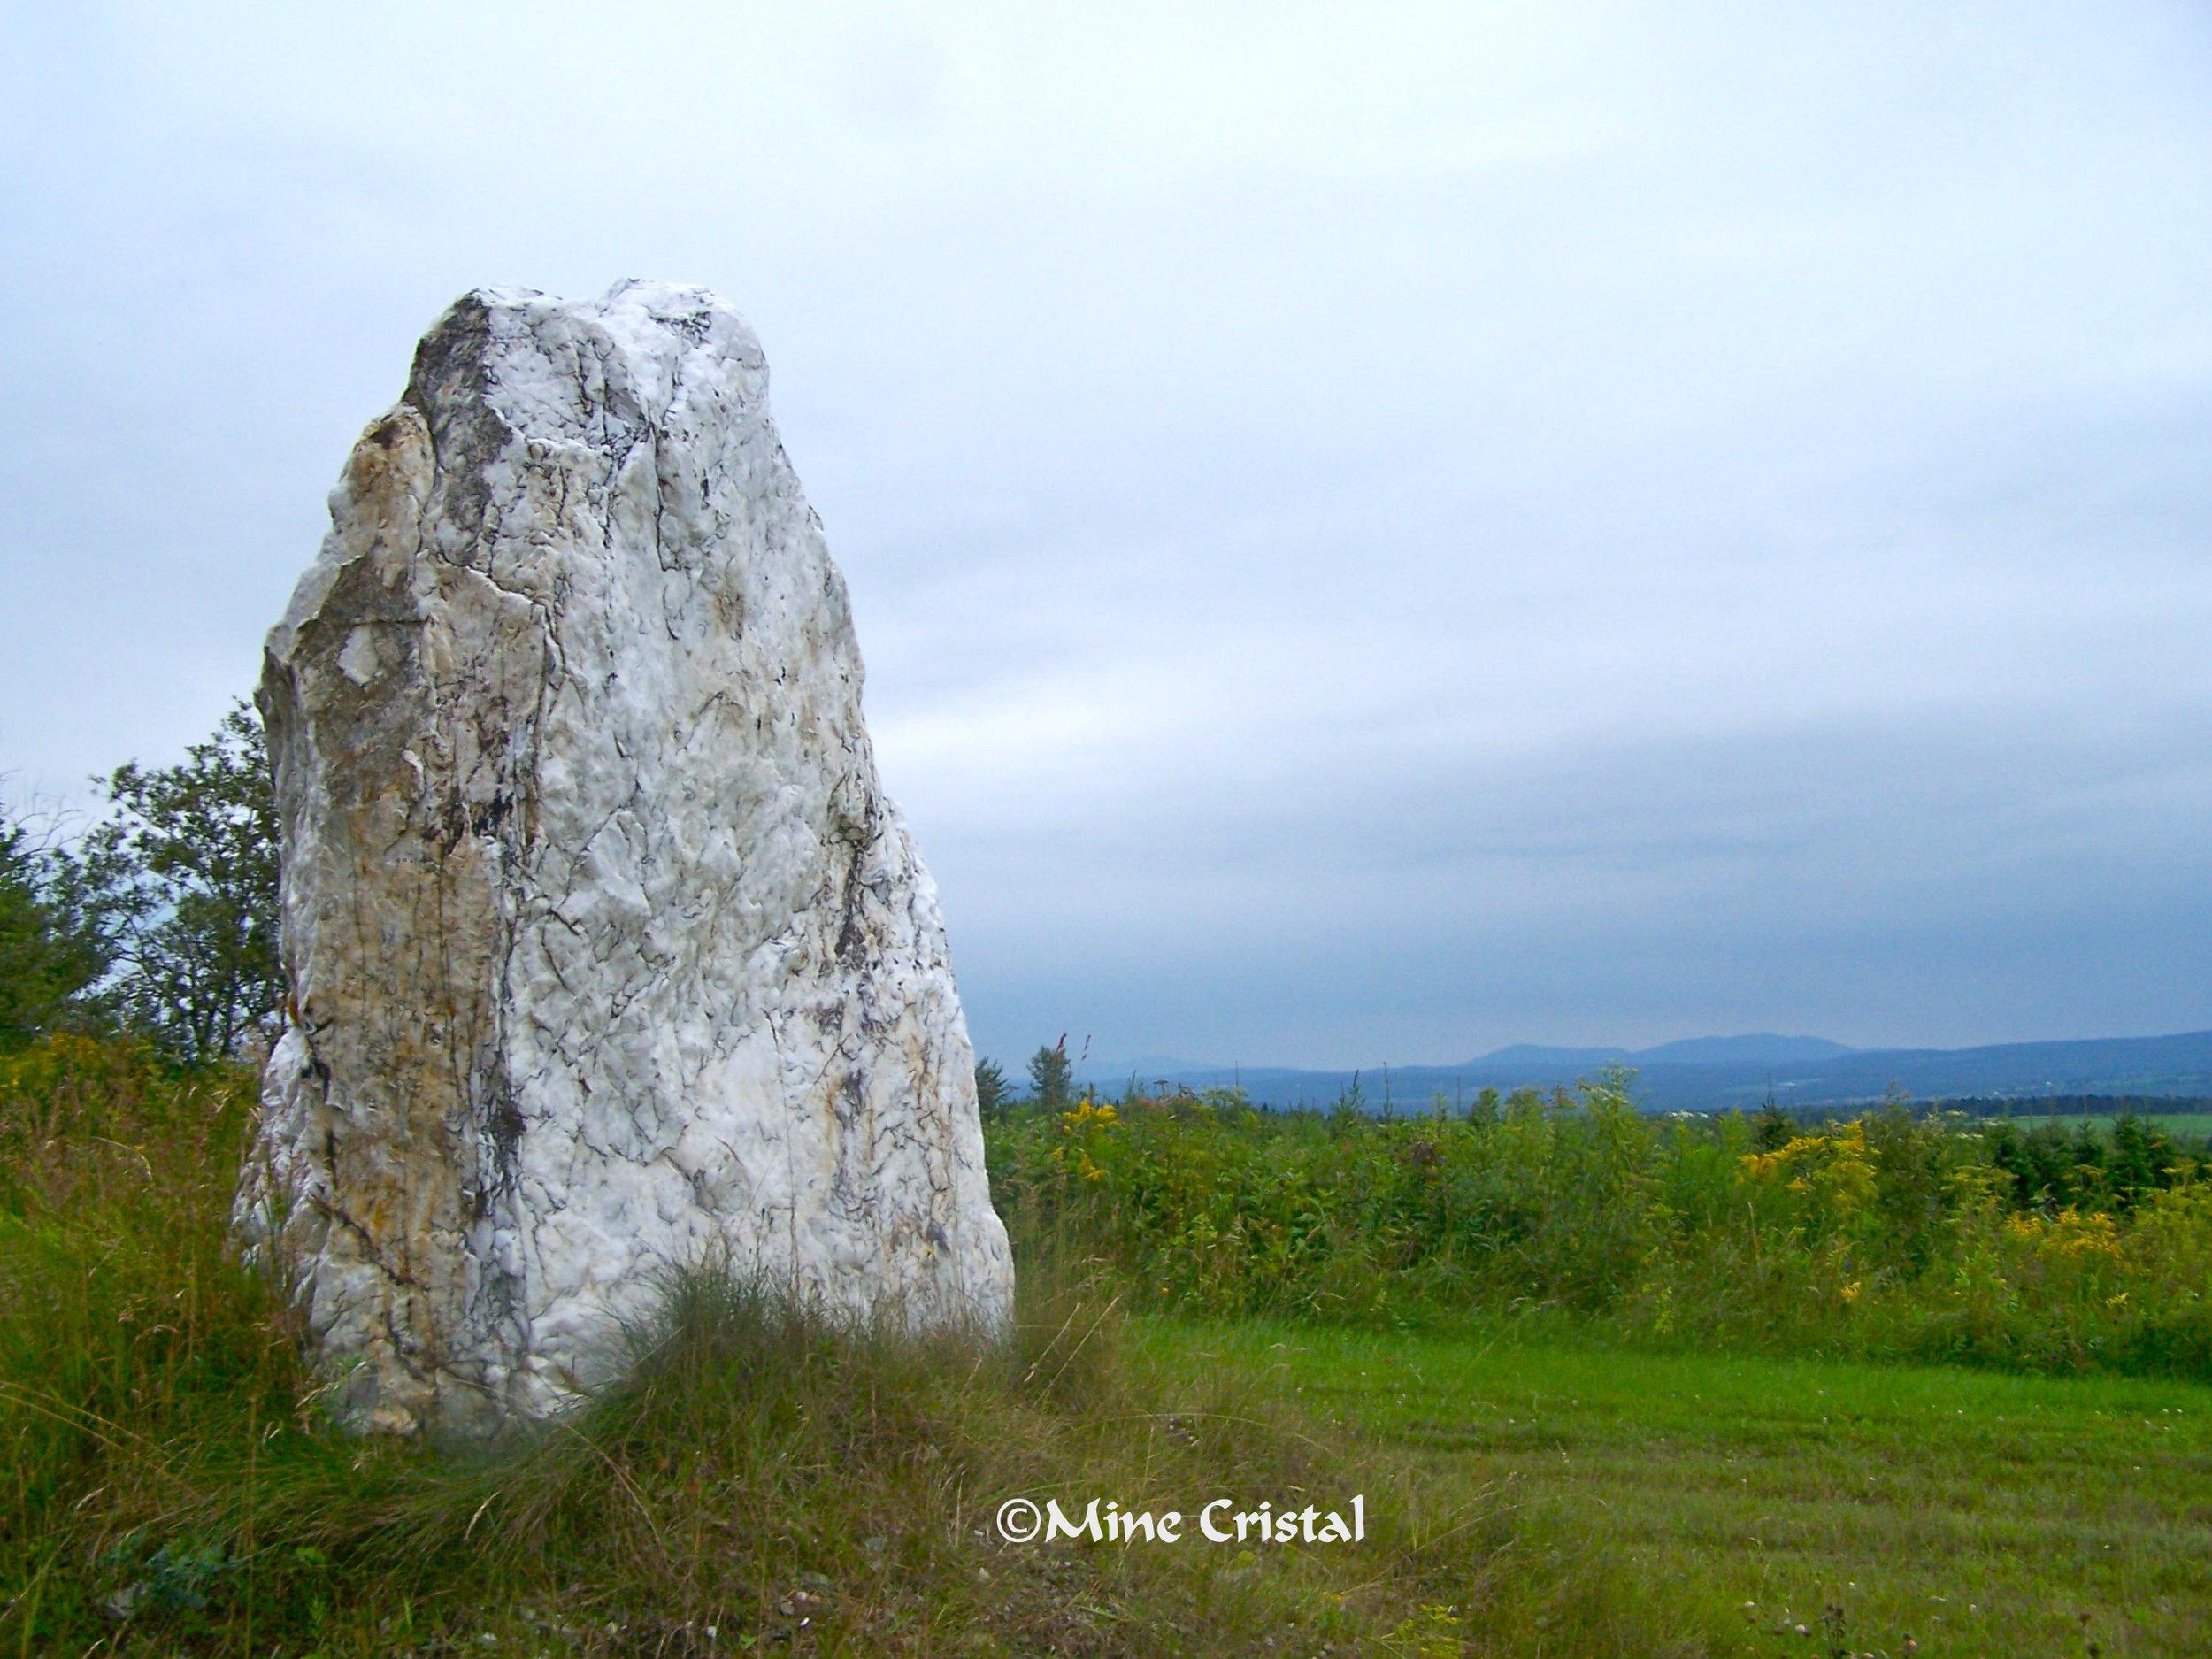 Mine Cristal est situé dans les Appalaches à 400 mètres d'altitude, dans une pinède avec vue magnifique sur les montagnes lointaines. Nous espérons vous voir à notre prochain événement du cristal!